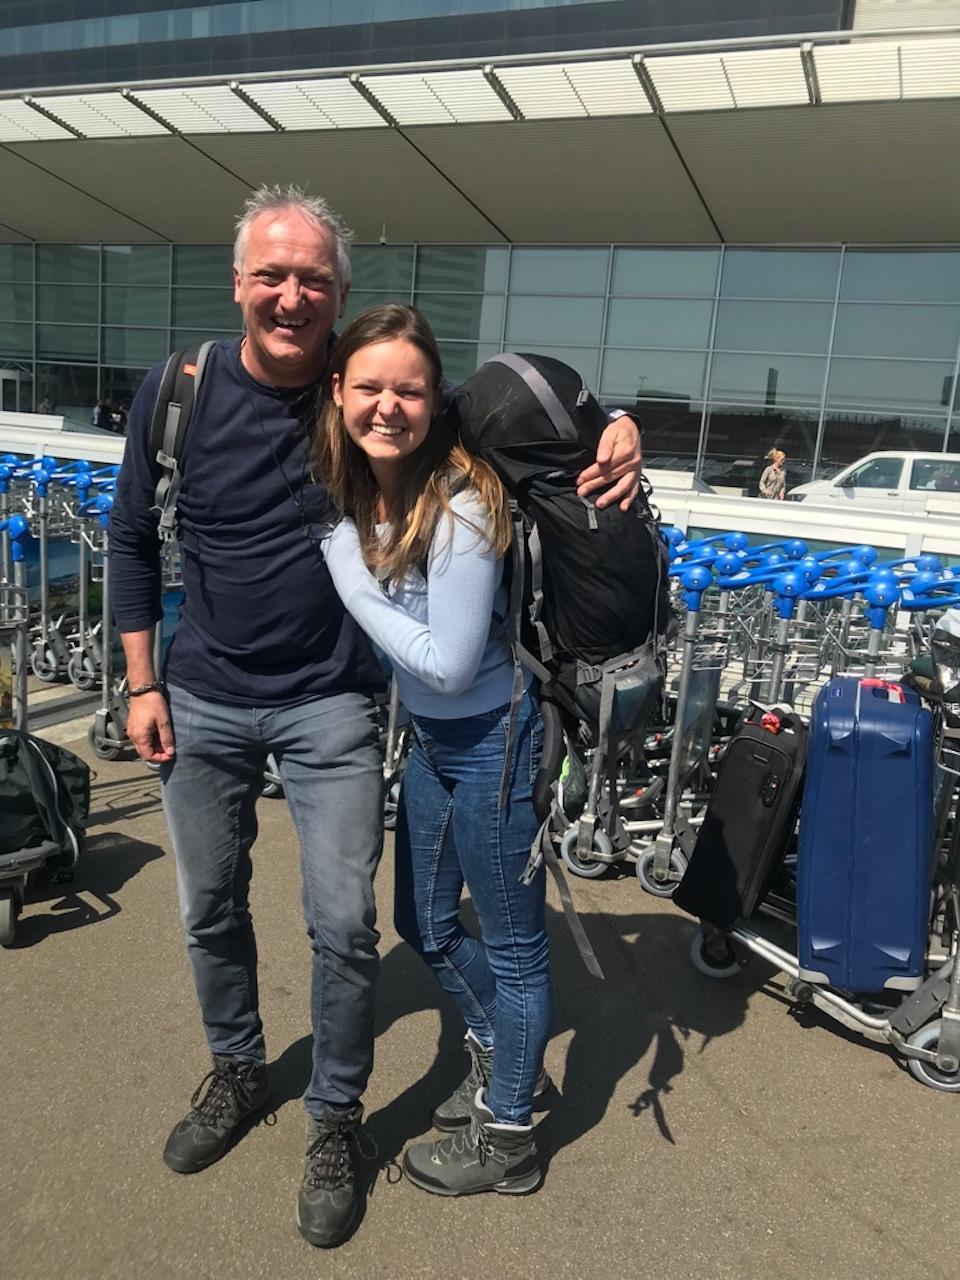 Marit van Groen met vader op Schiphol voor wereldreis